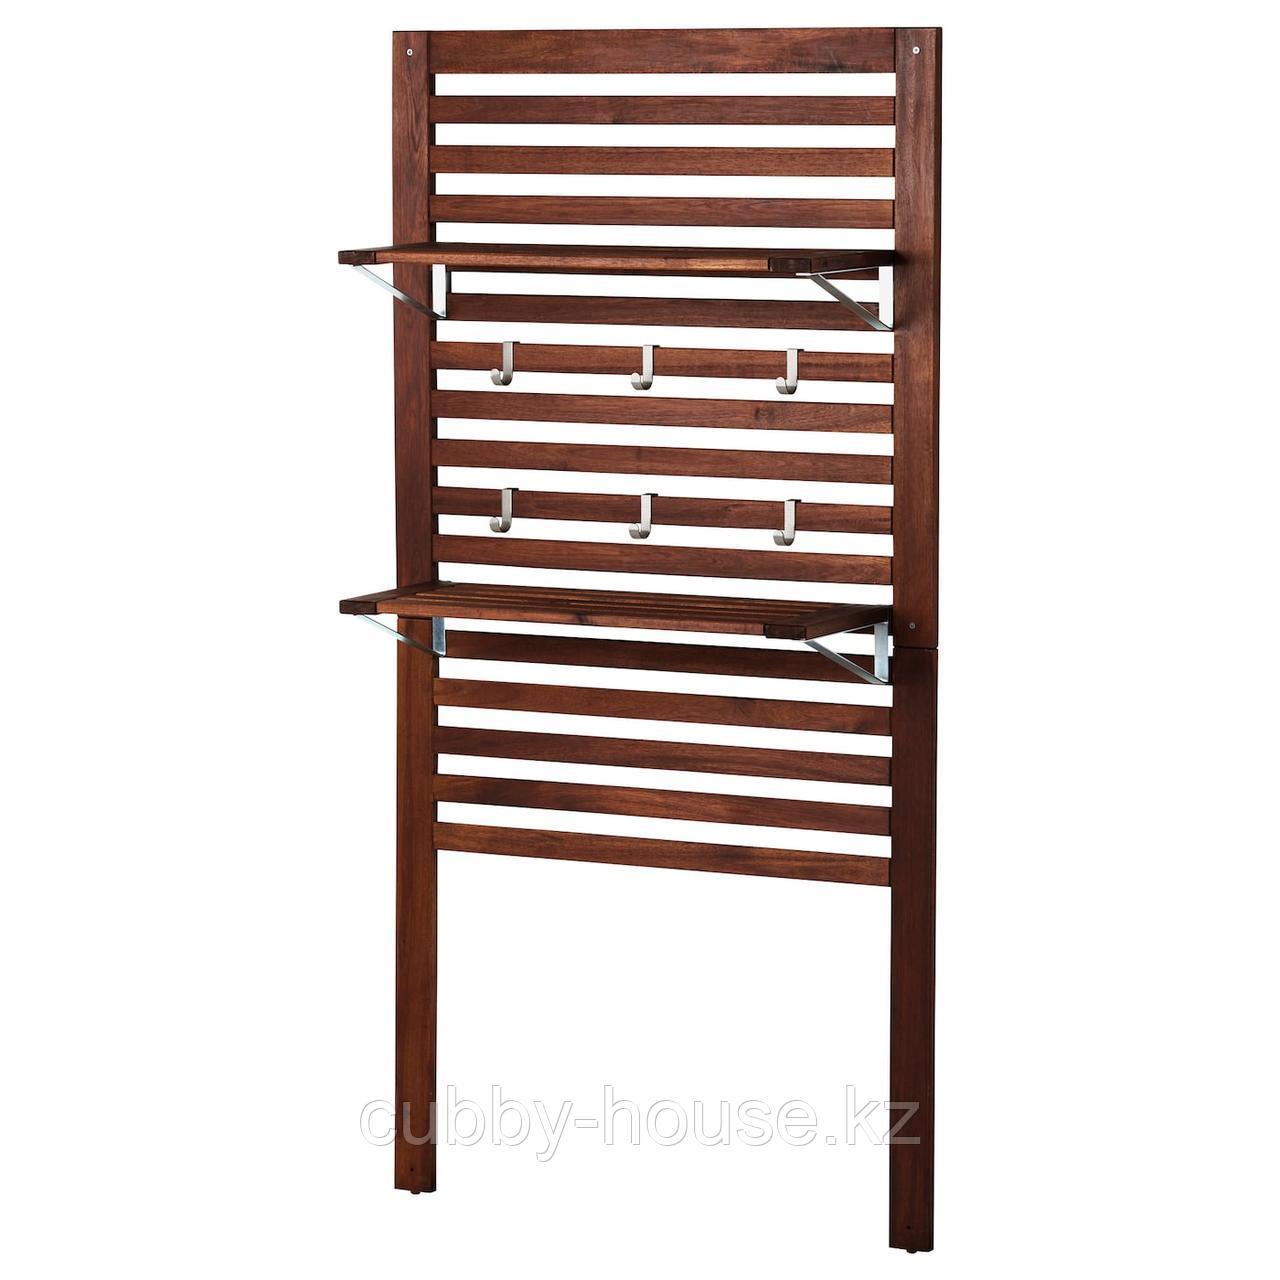 ЭПЛАРО Настенная панель+2 полки, коричневая морилка, 80x30x158 см